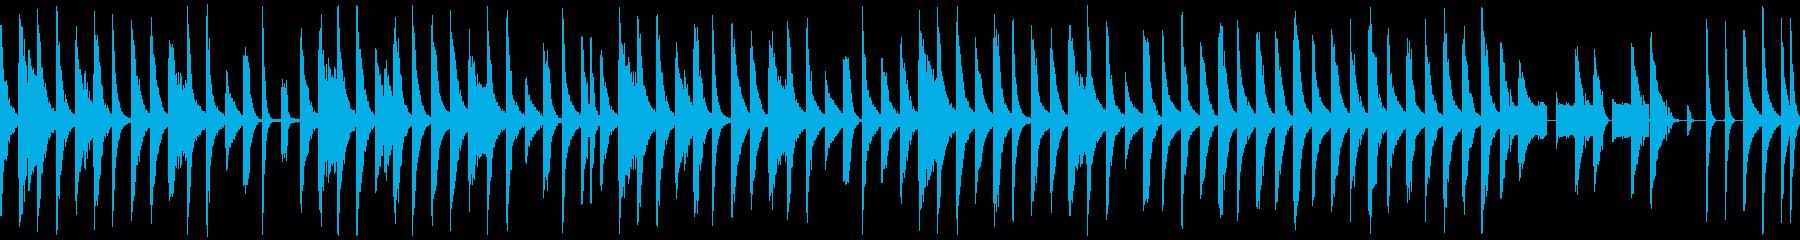 【ループ再生】コミカル・おっとり系BGMの再生済みの波形